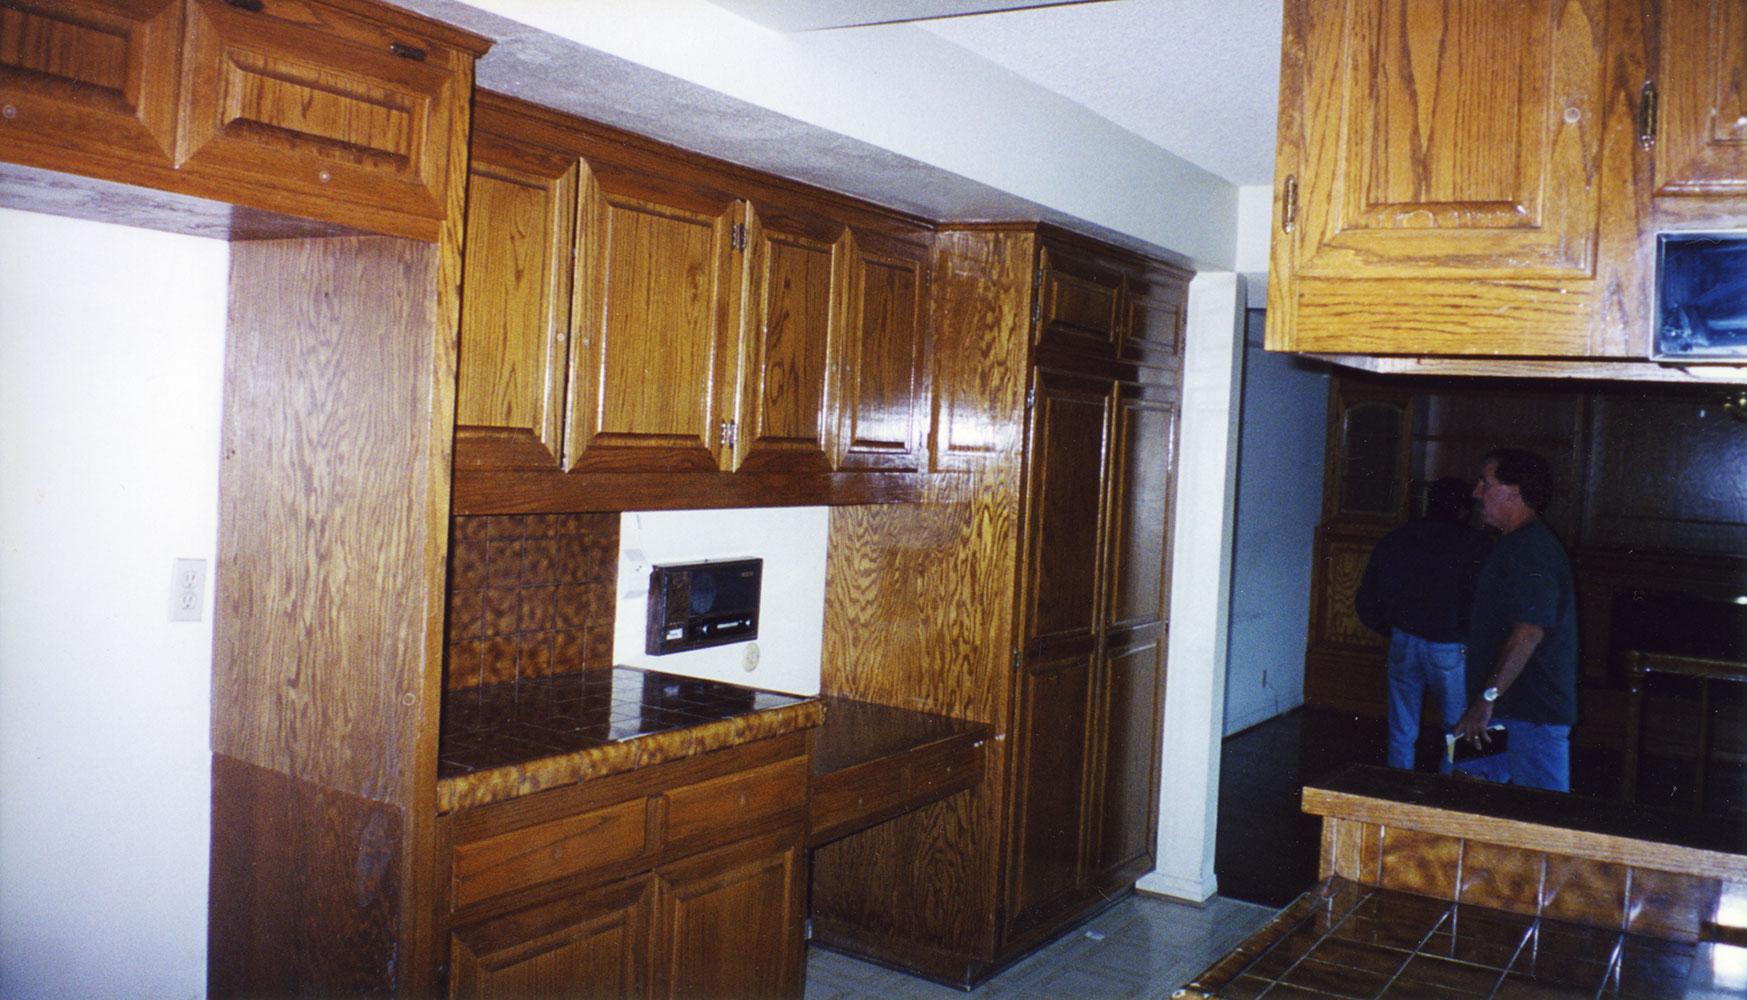 KitchenC_Before03.jpg